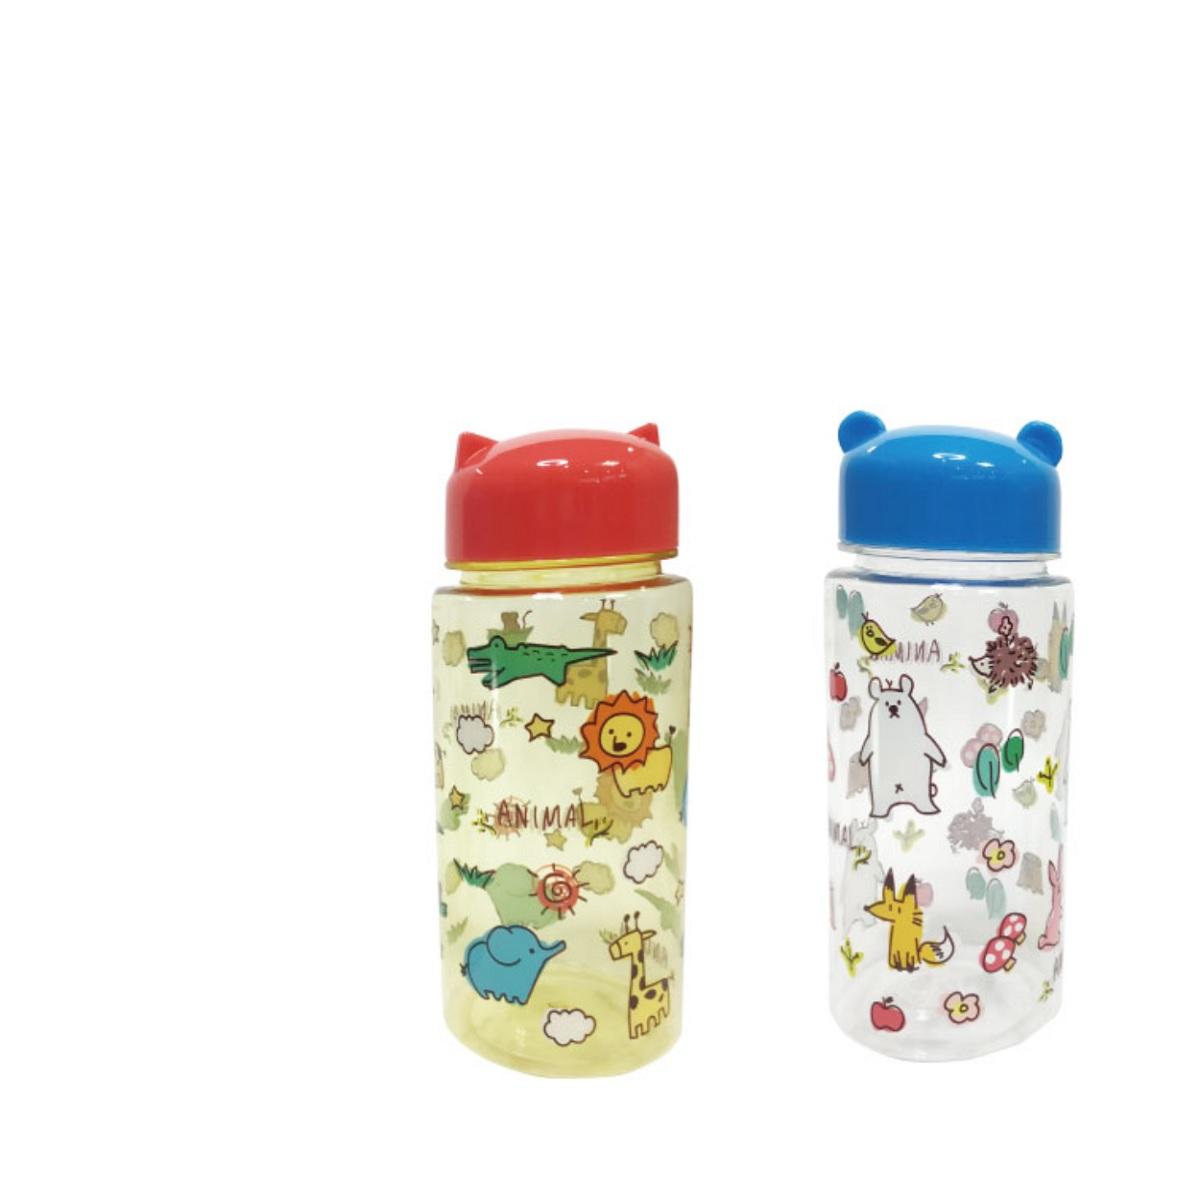 開心動物園-立體耳朵水瓶350ml(商品款式隨機出貨)